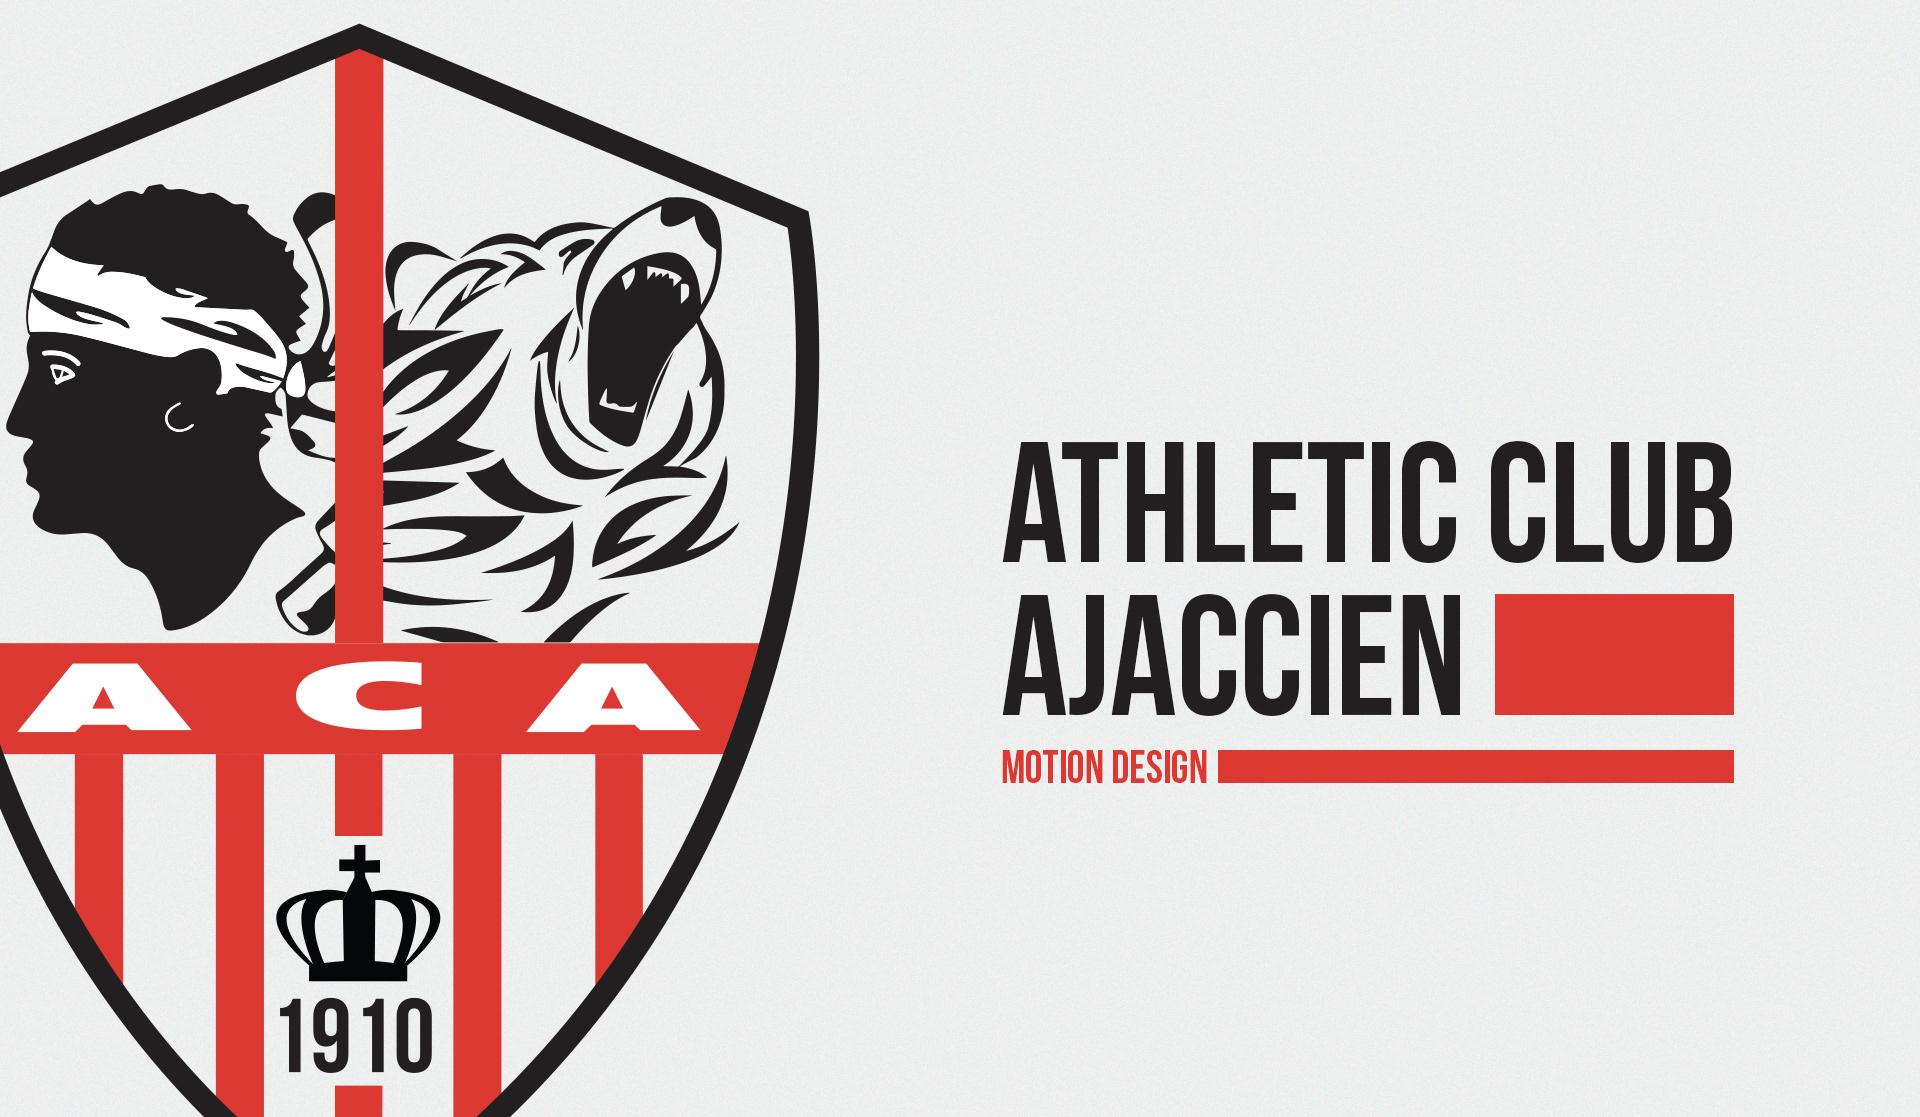 AC Ajaccio - Motion Design